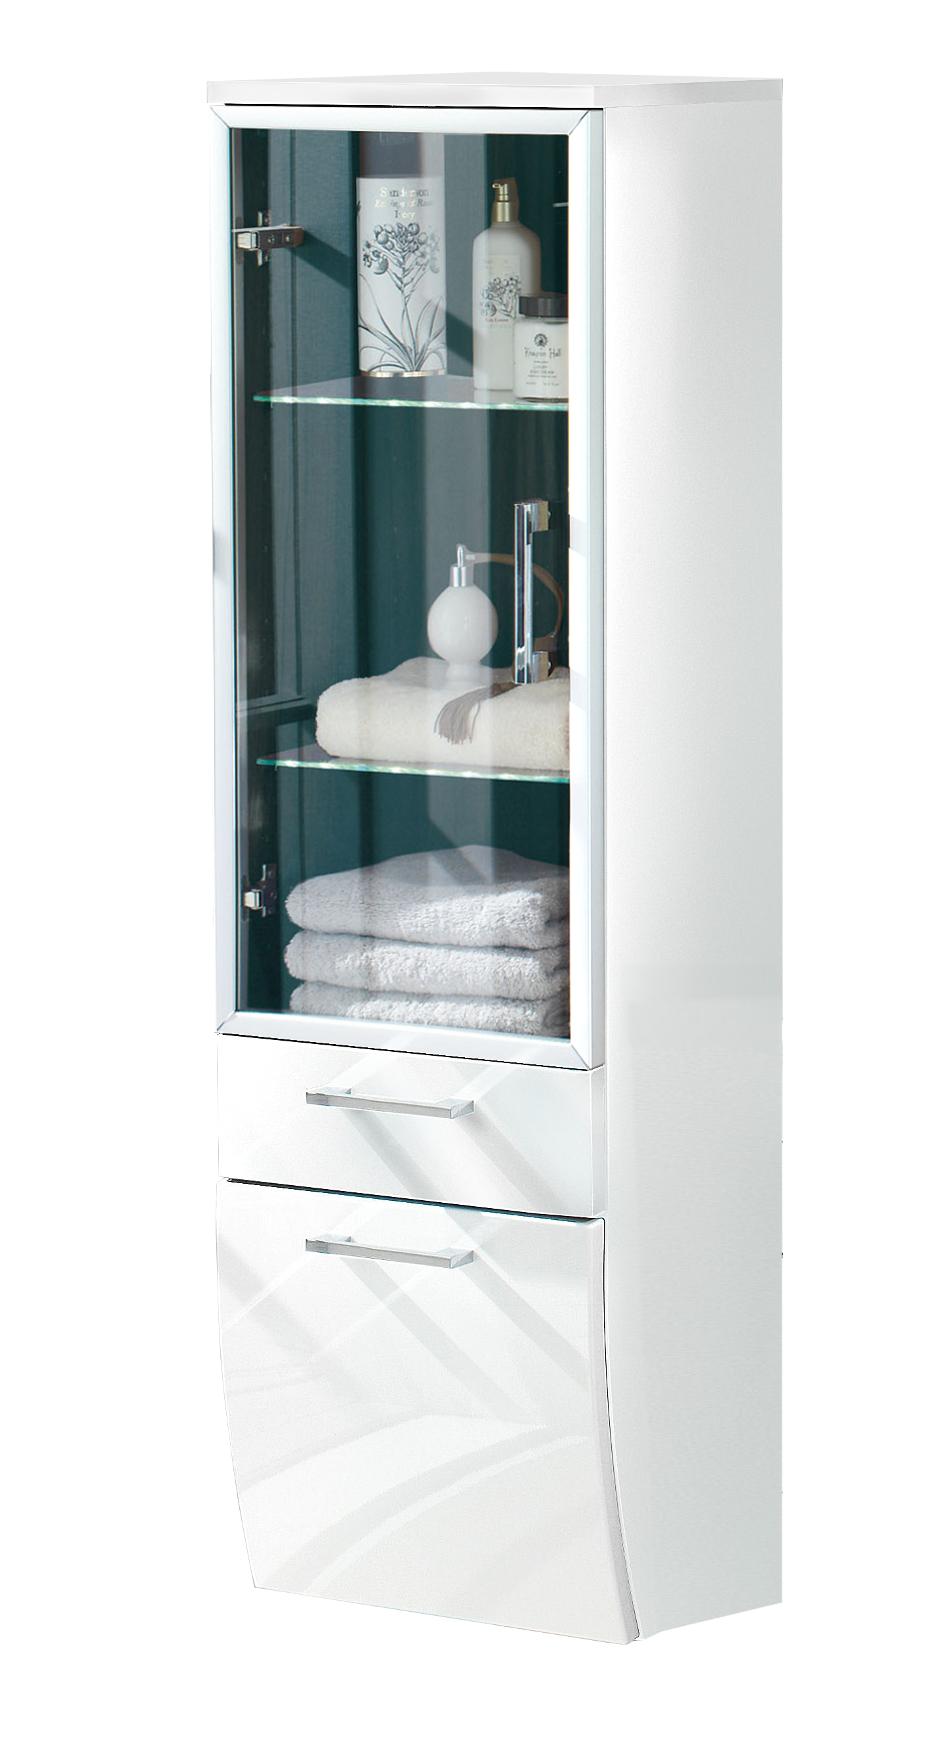 Bad-Midischrank RIMA II - 1 Glastür, 1 Klappe - 40 cm breit - Weiß ...